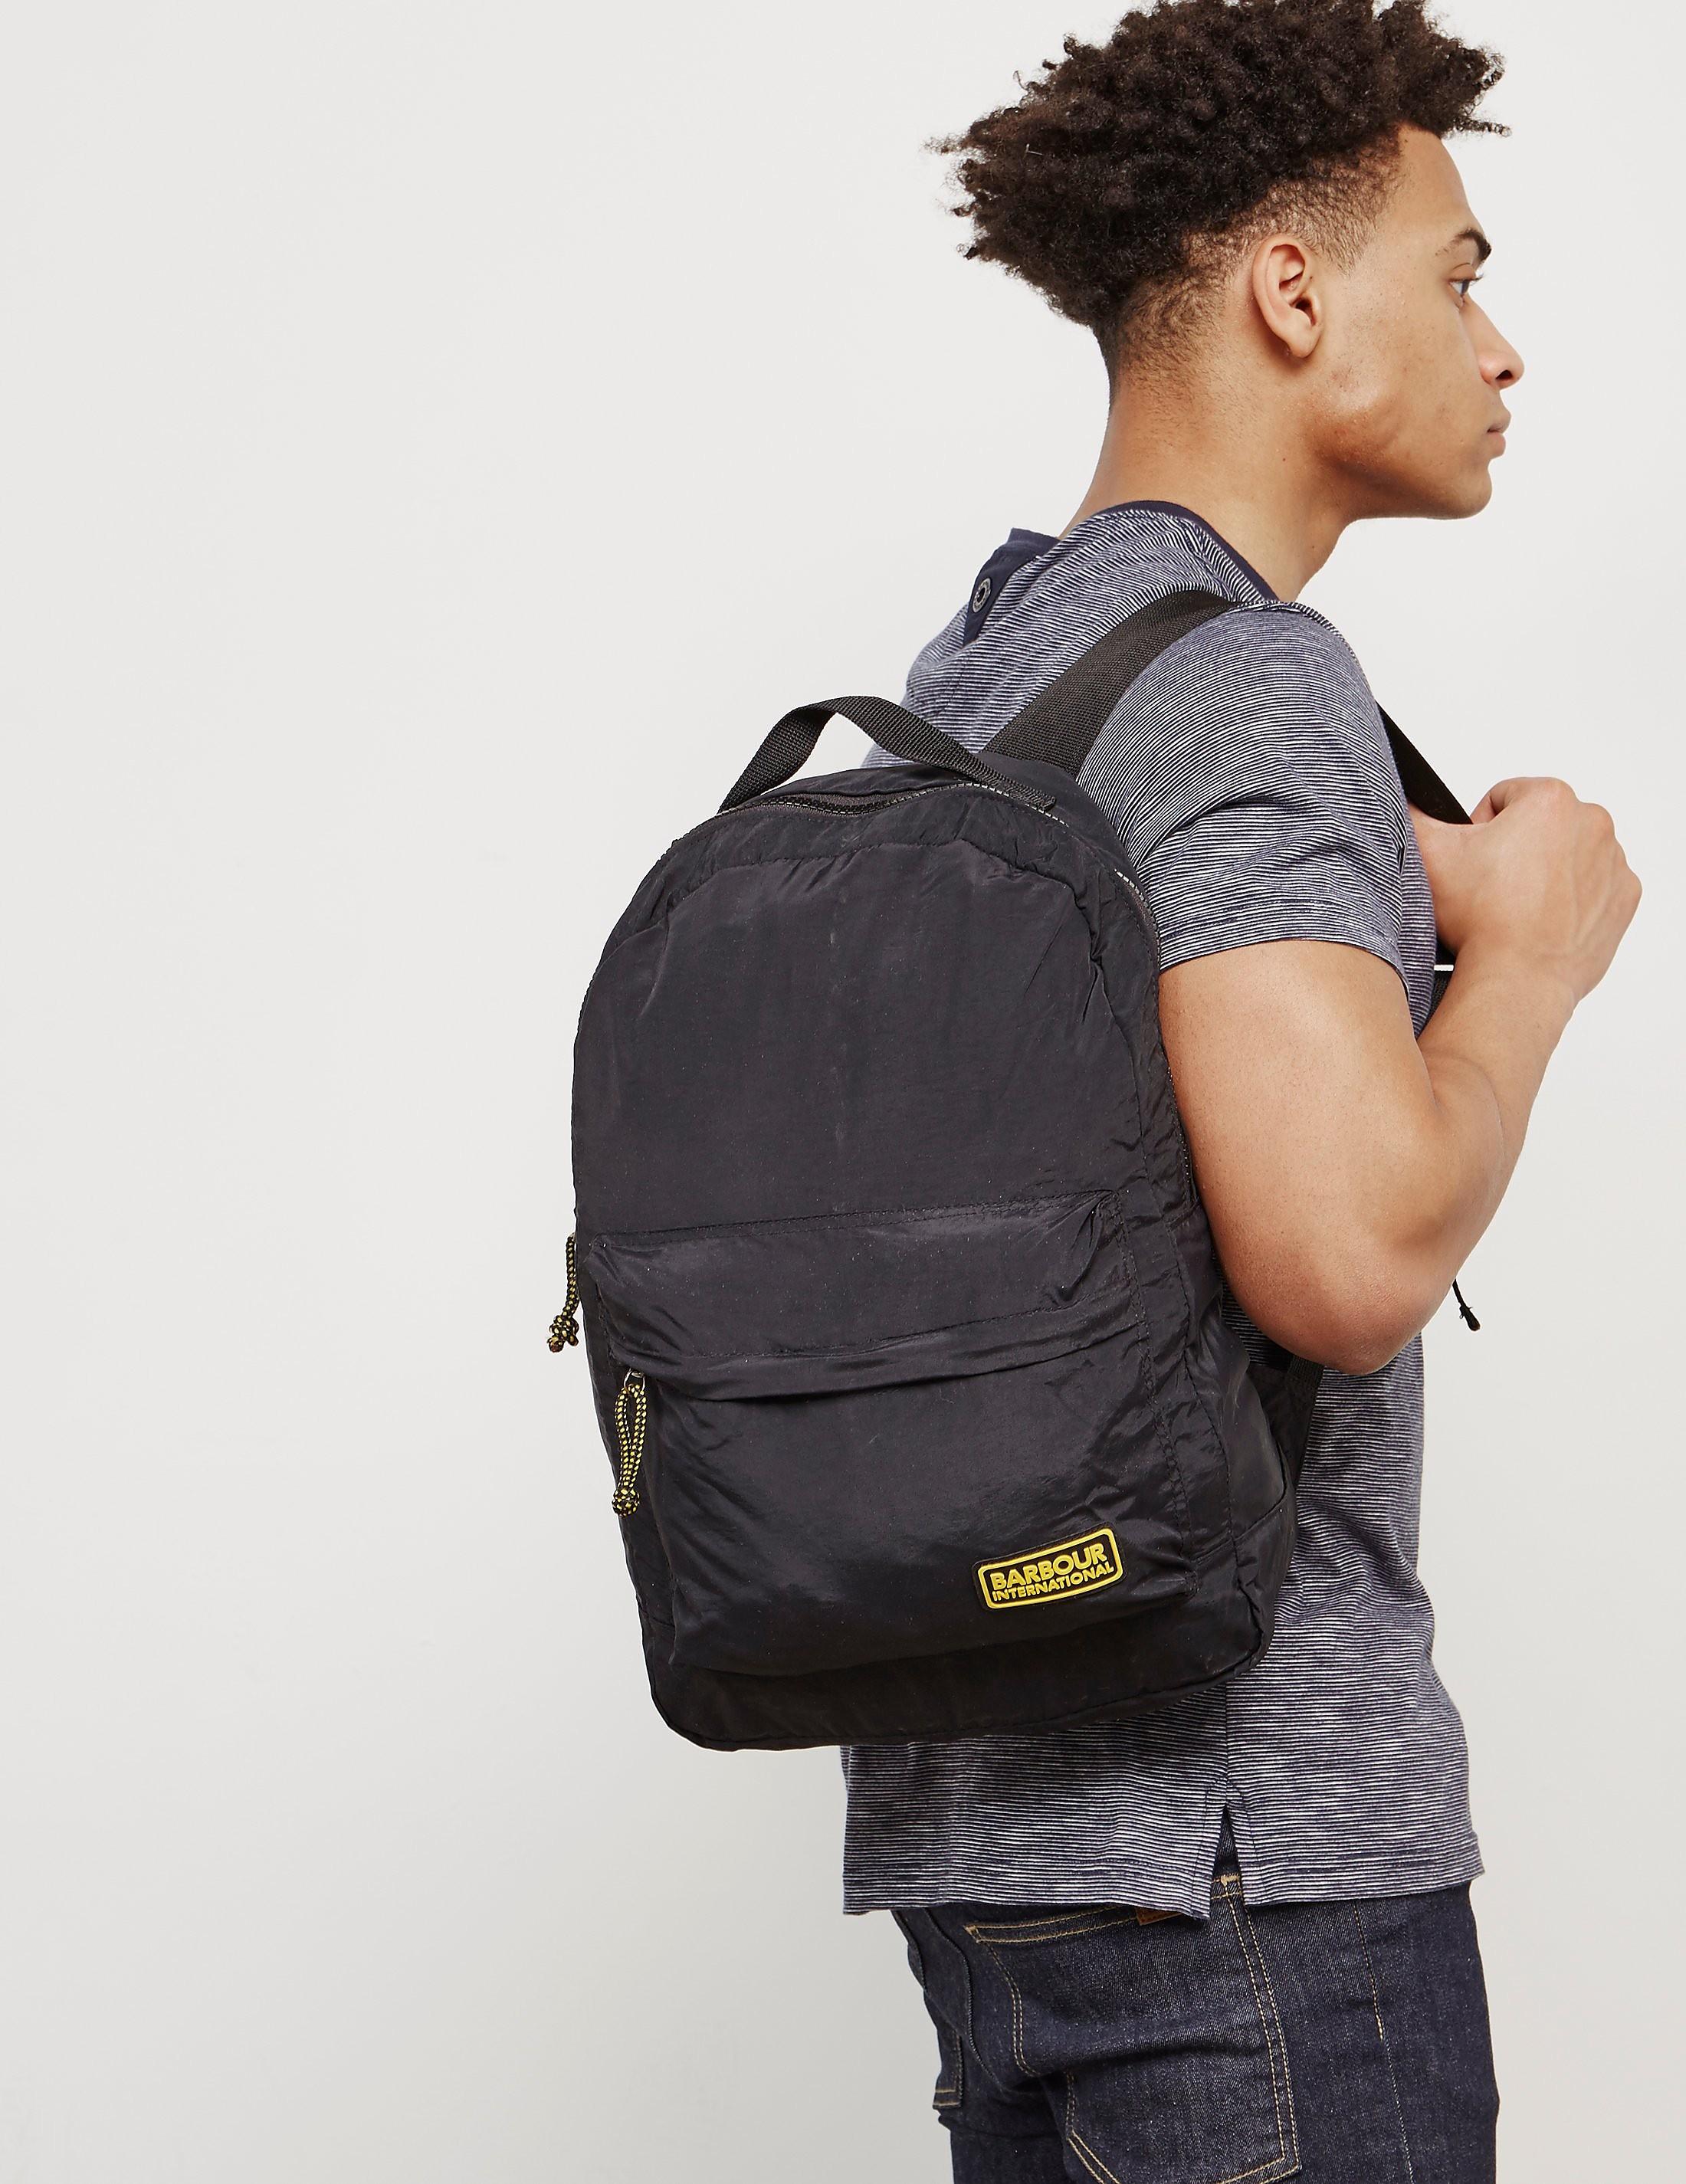 Barbour International Packaway Backpack